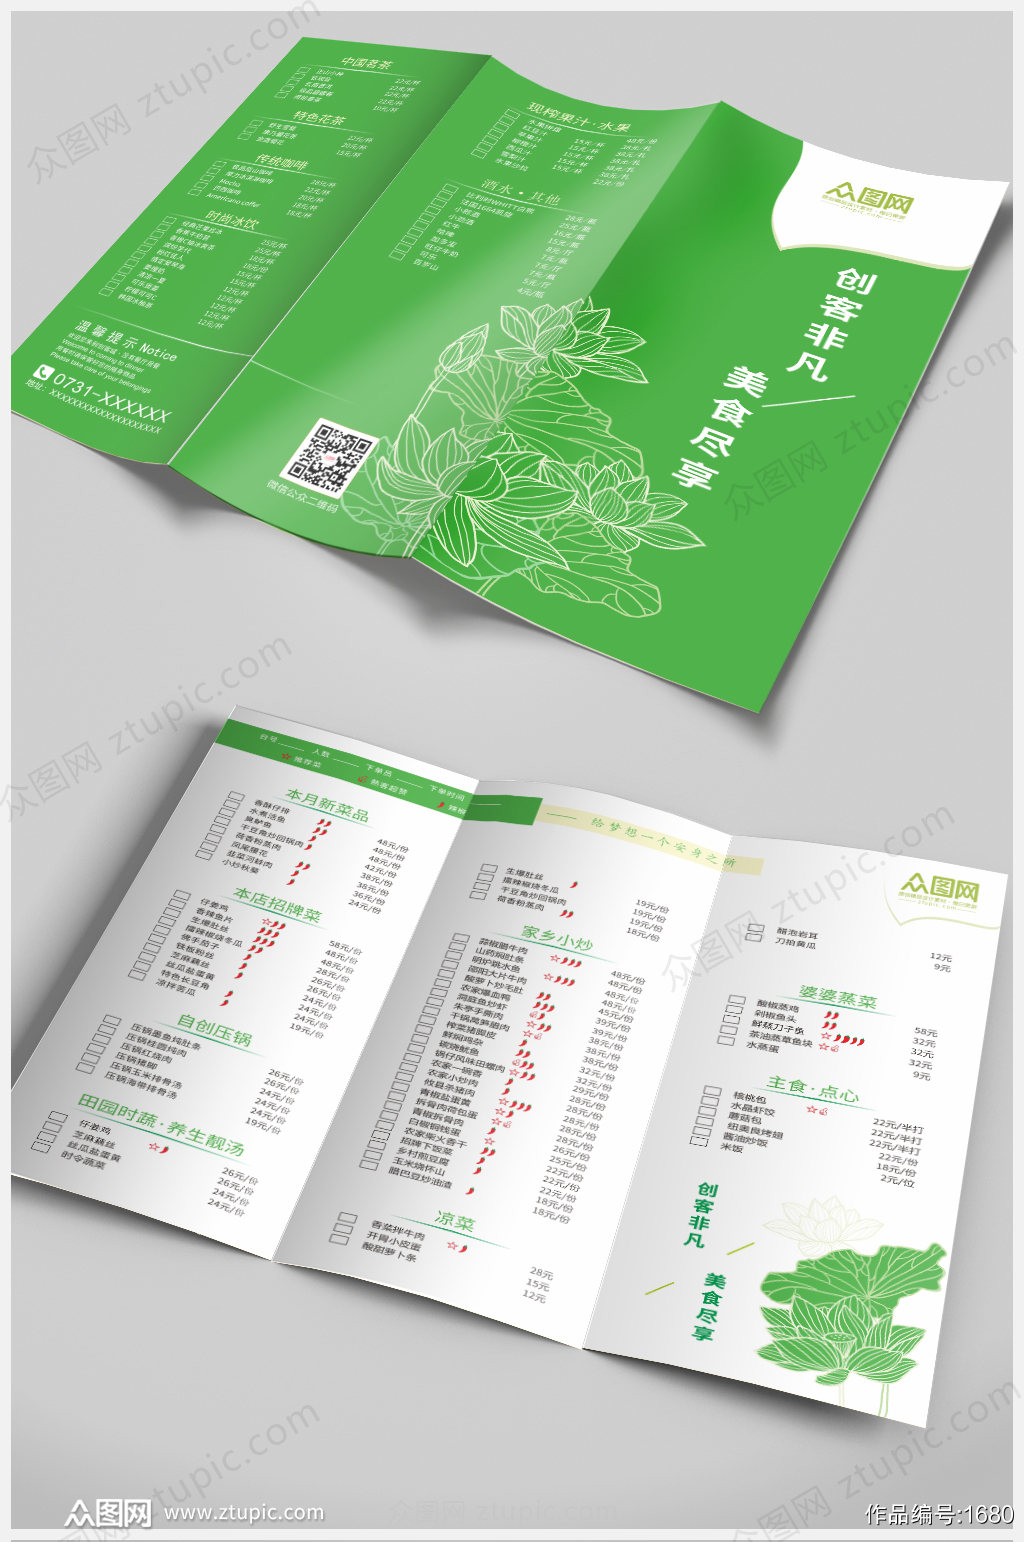 绿色食物素食馆美食菜单三折页菜谱内页素材